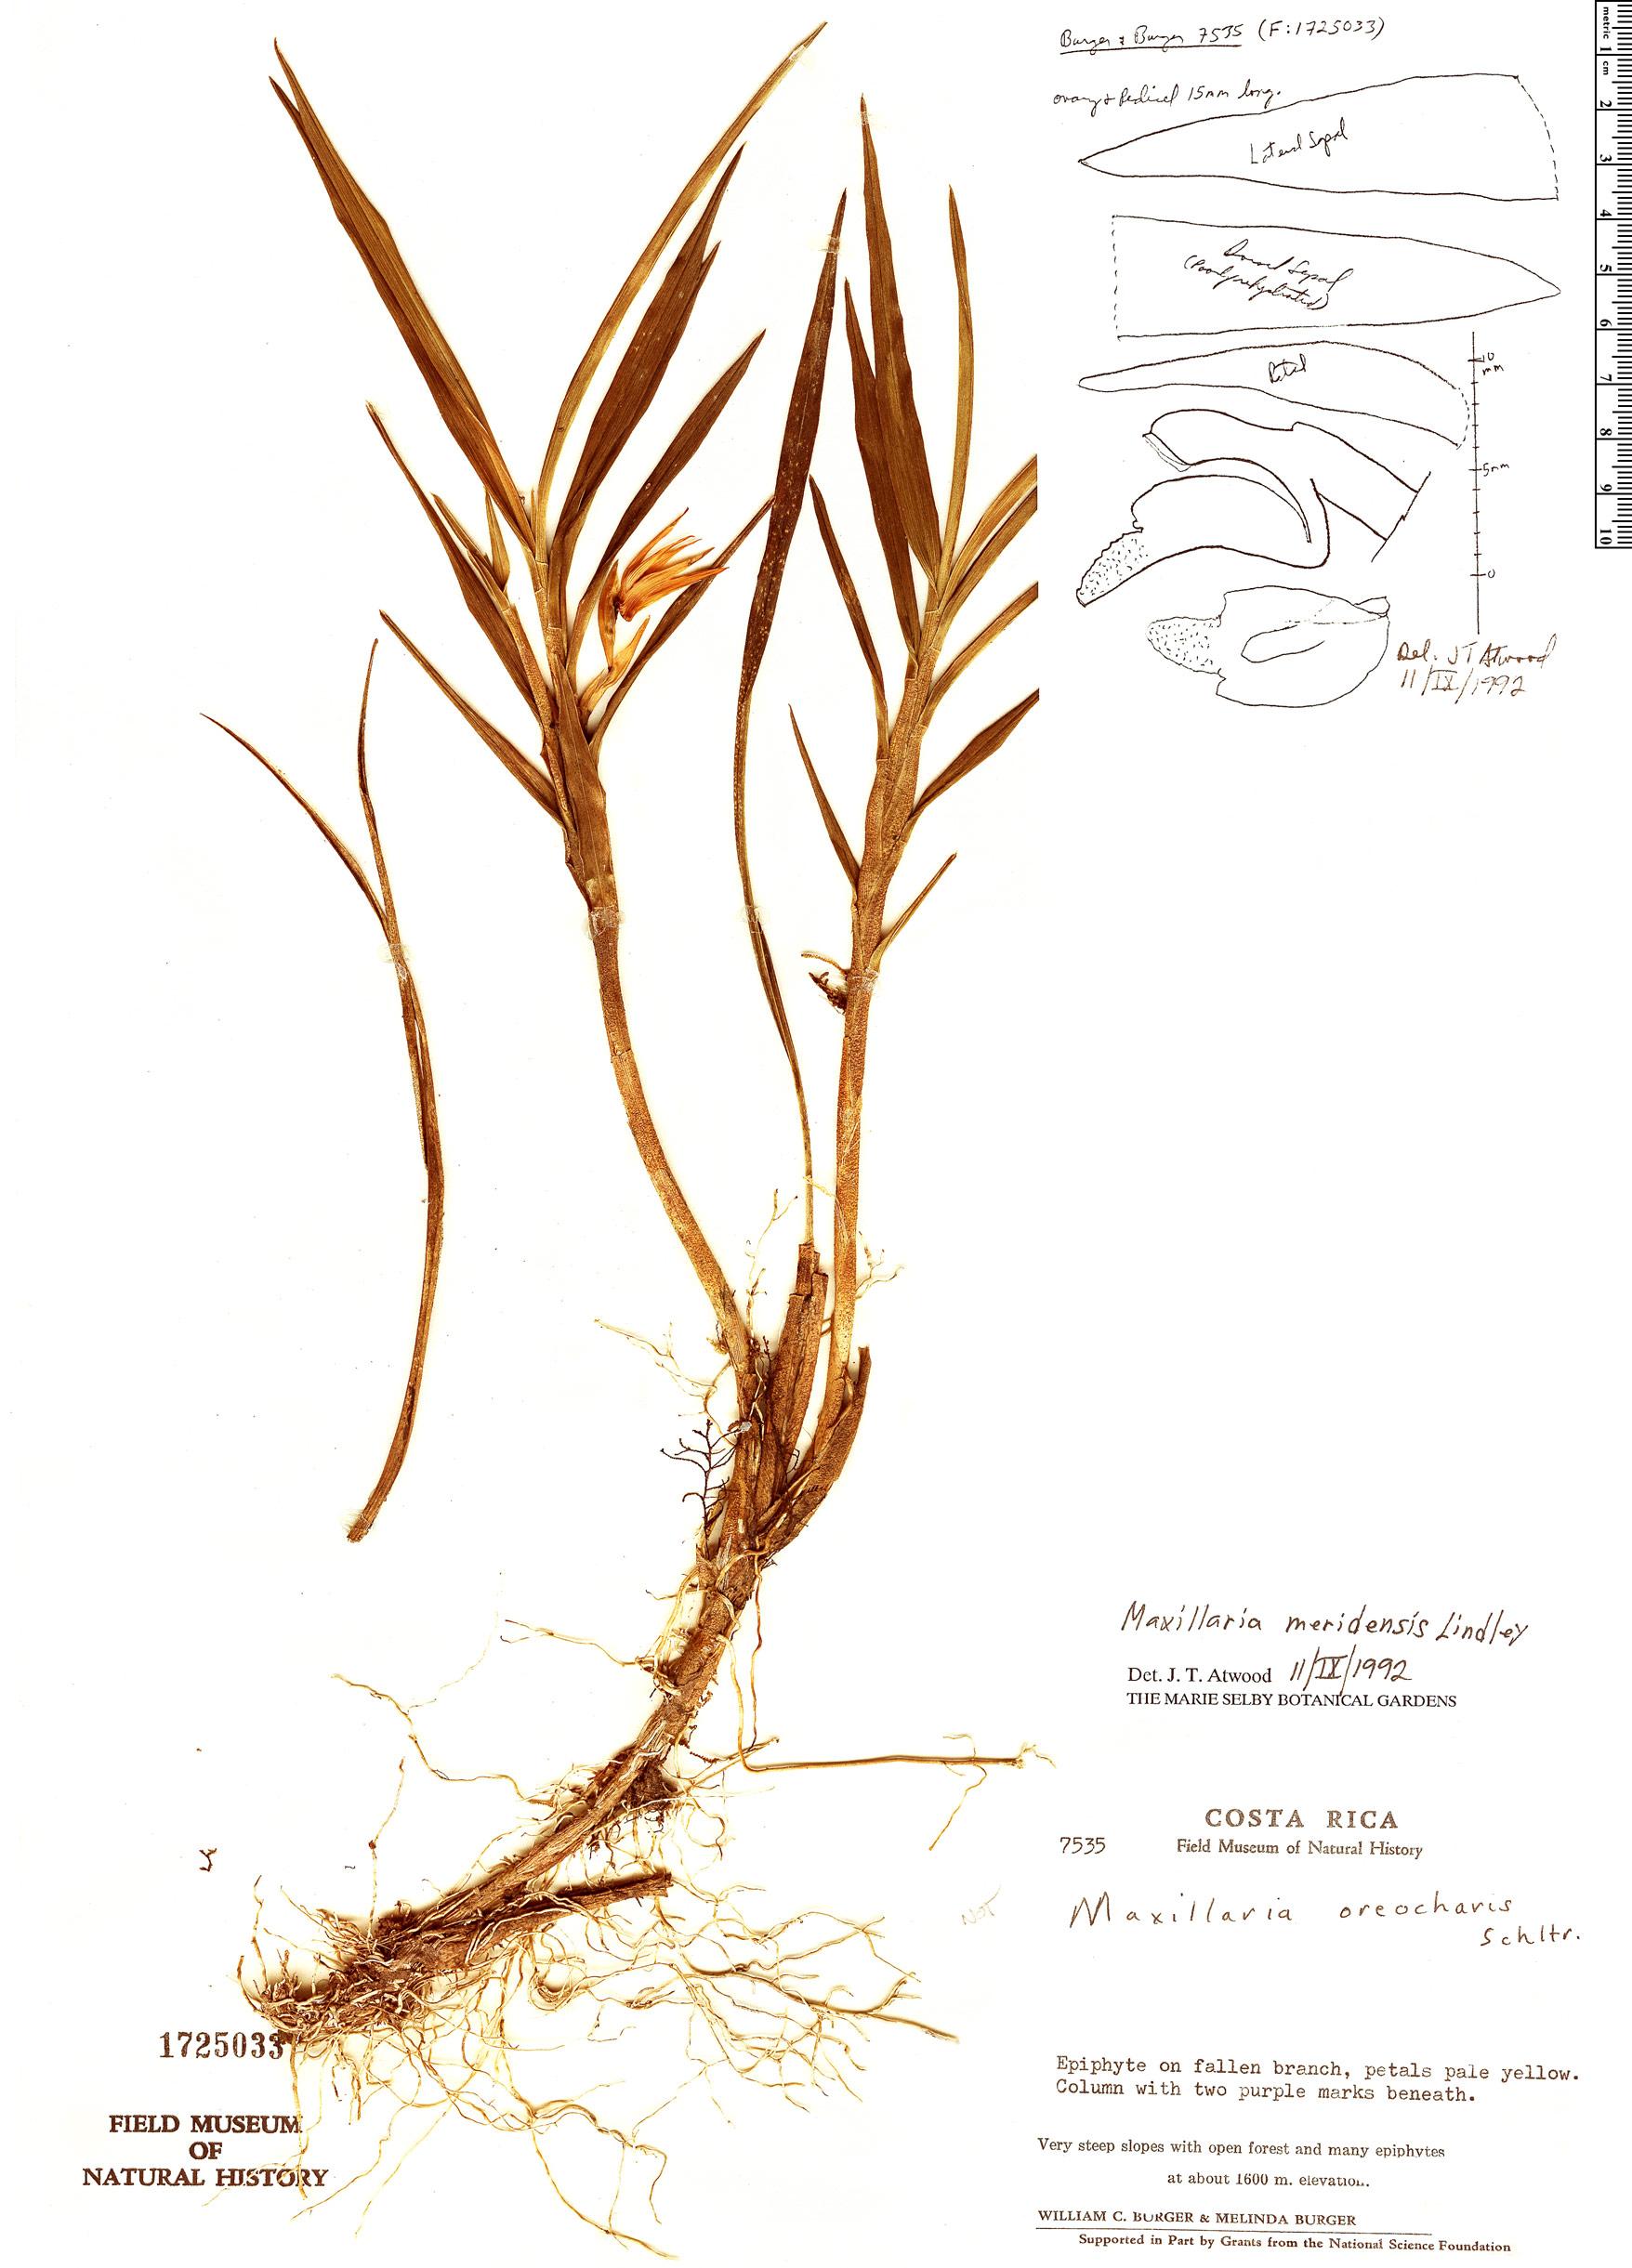 Specimen: Maxillaria meridensis